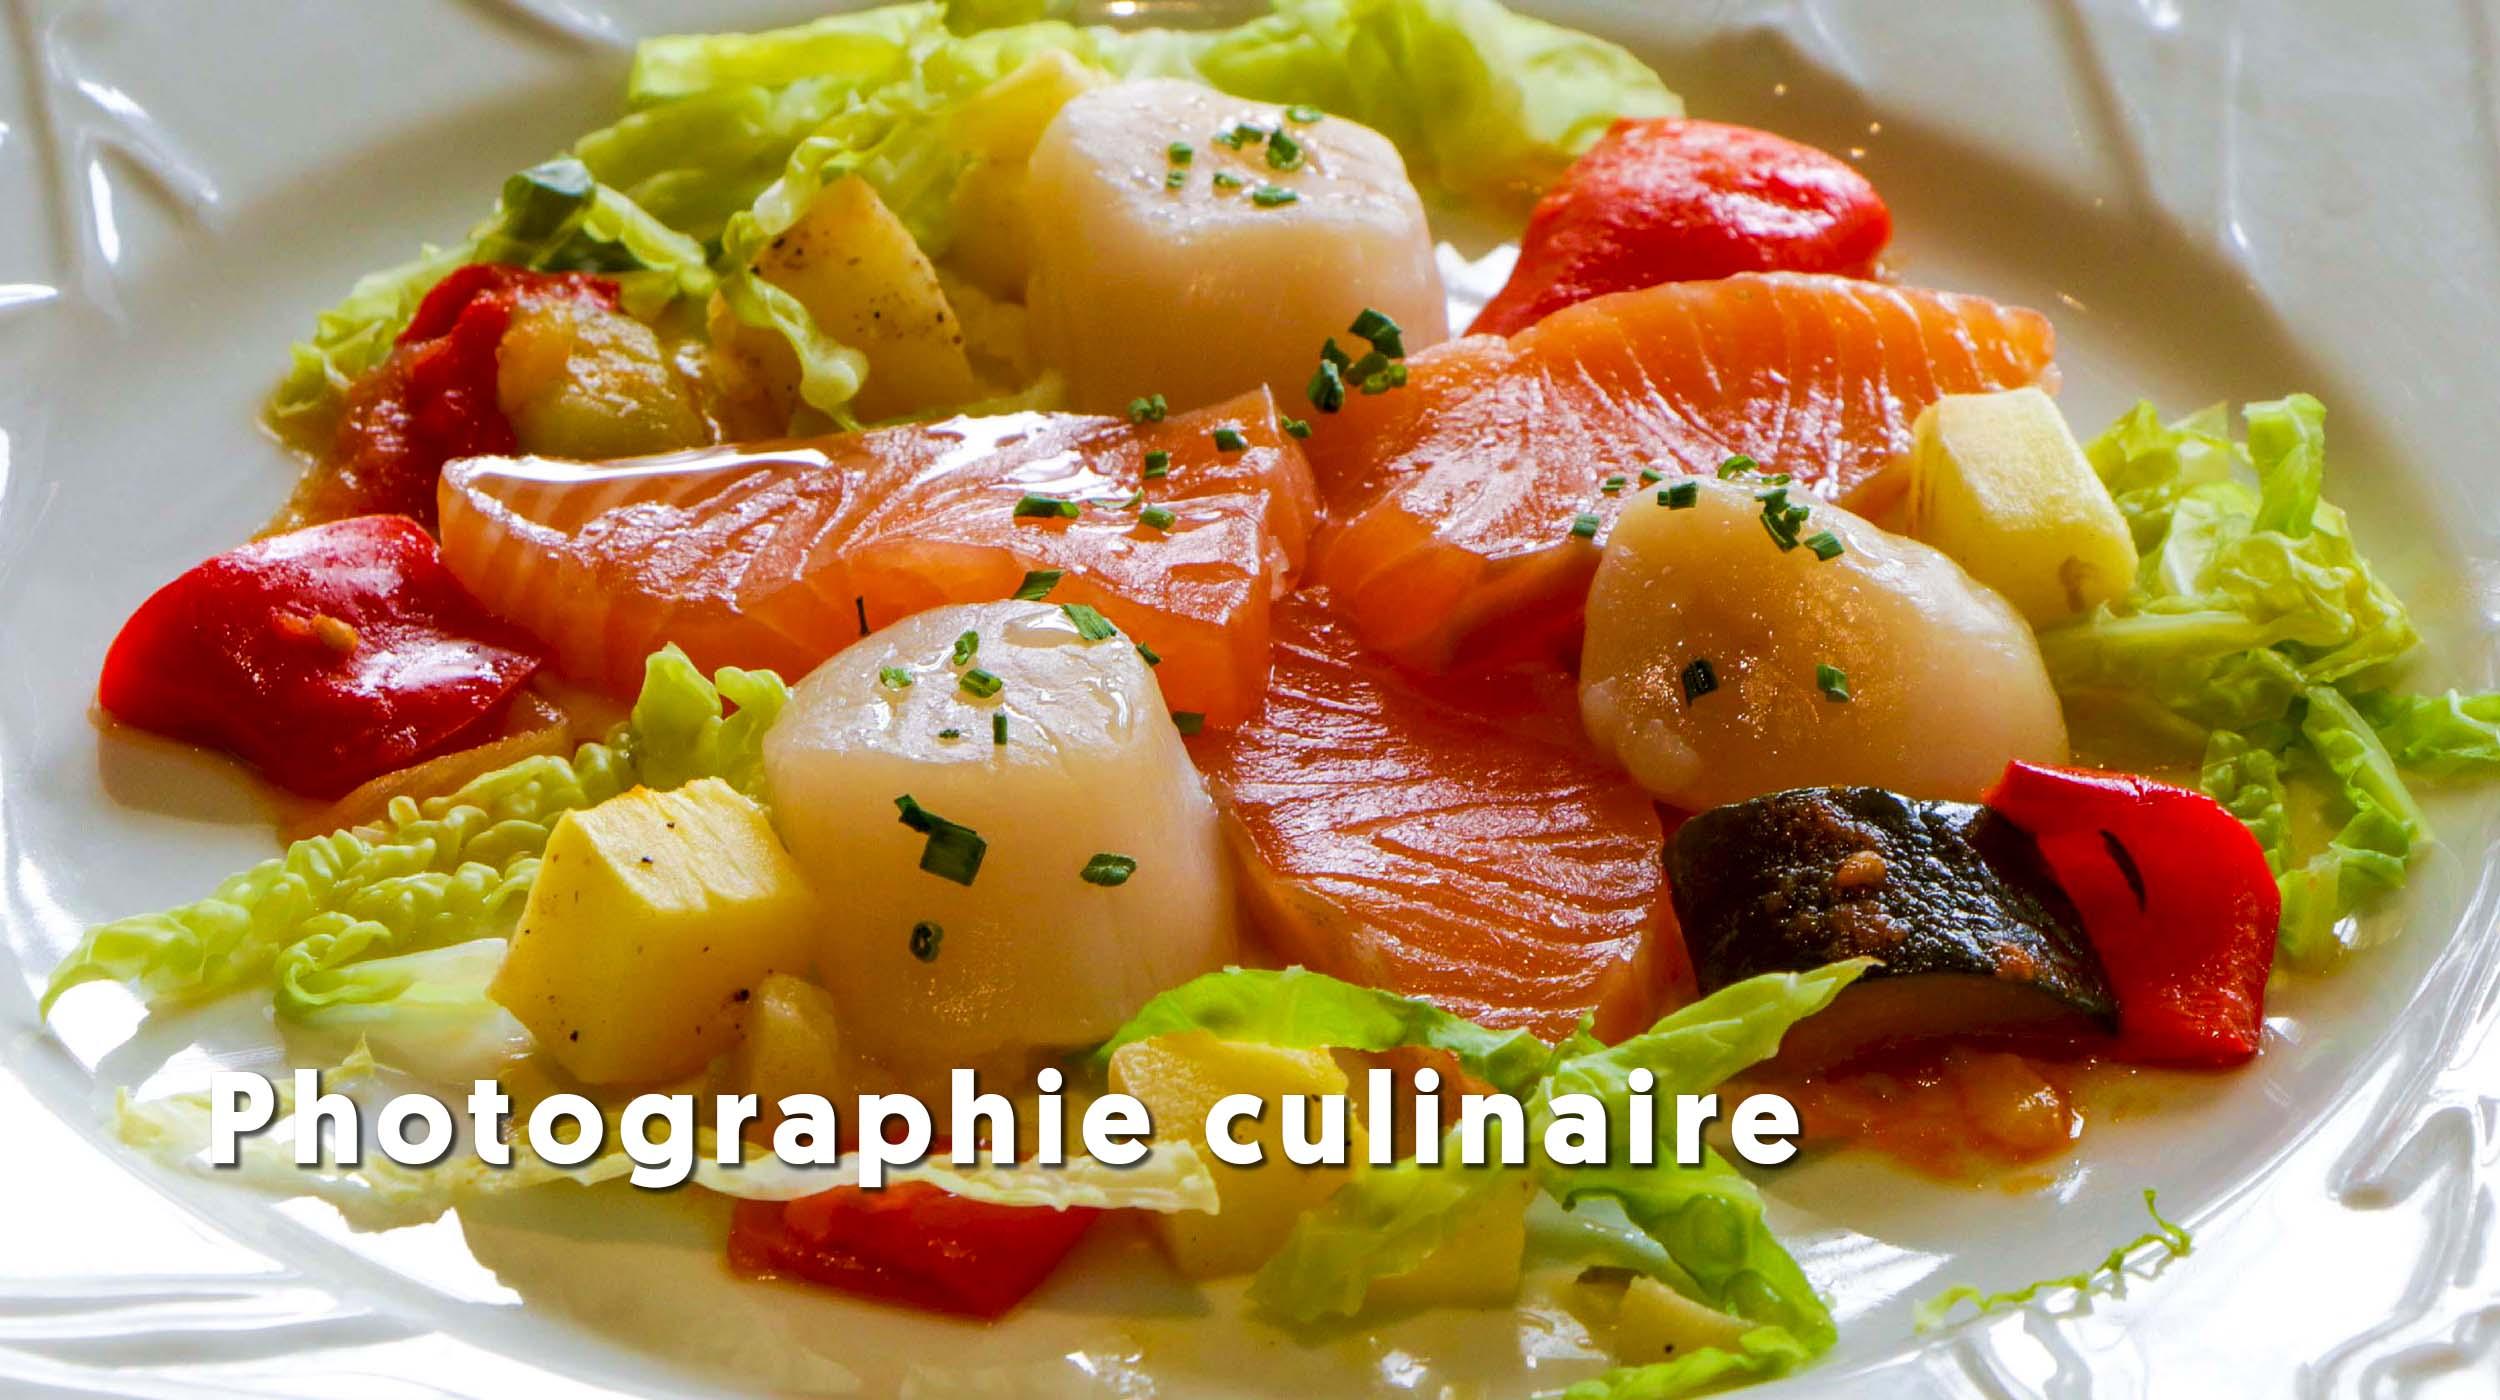 photographie-culinaire-vannes--saumon-saint-jacques